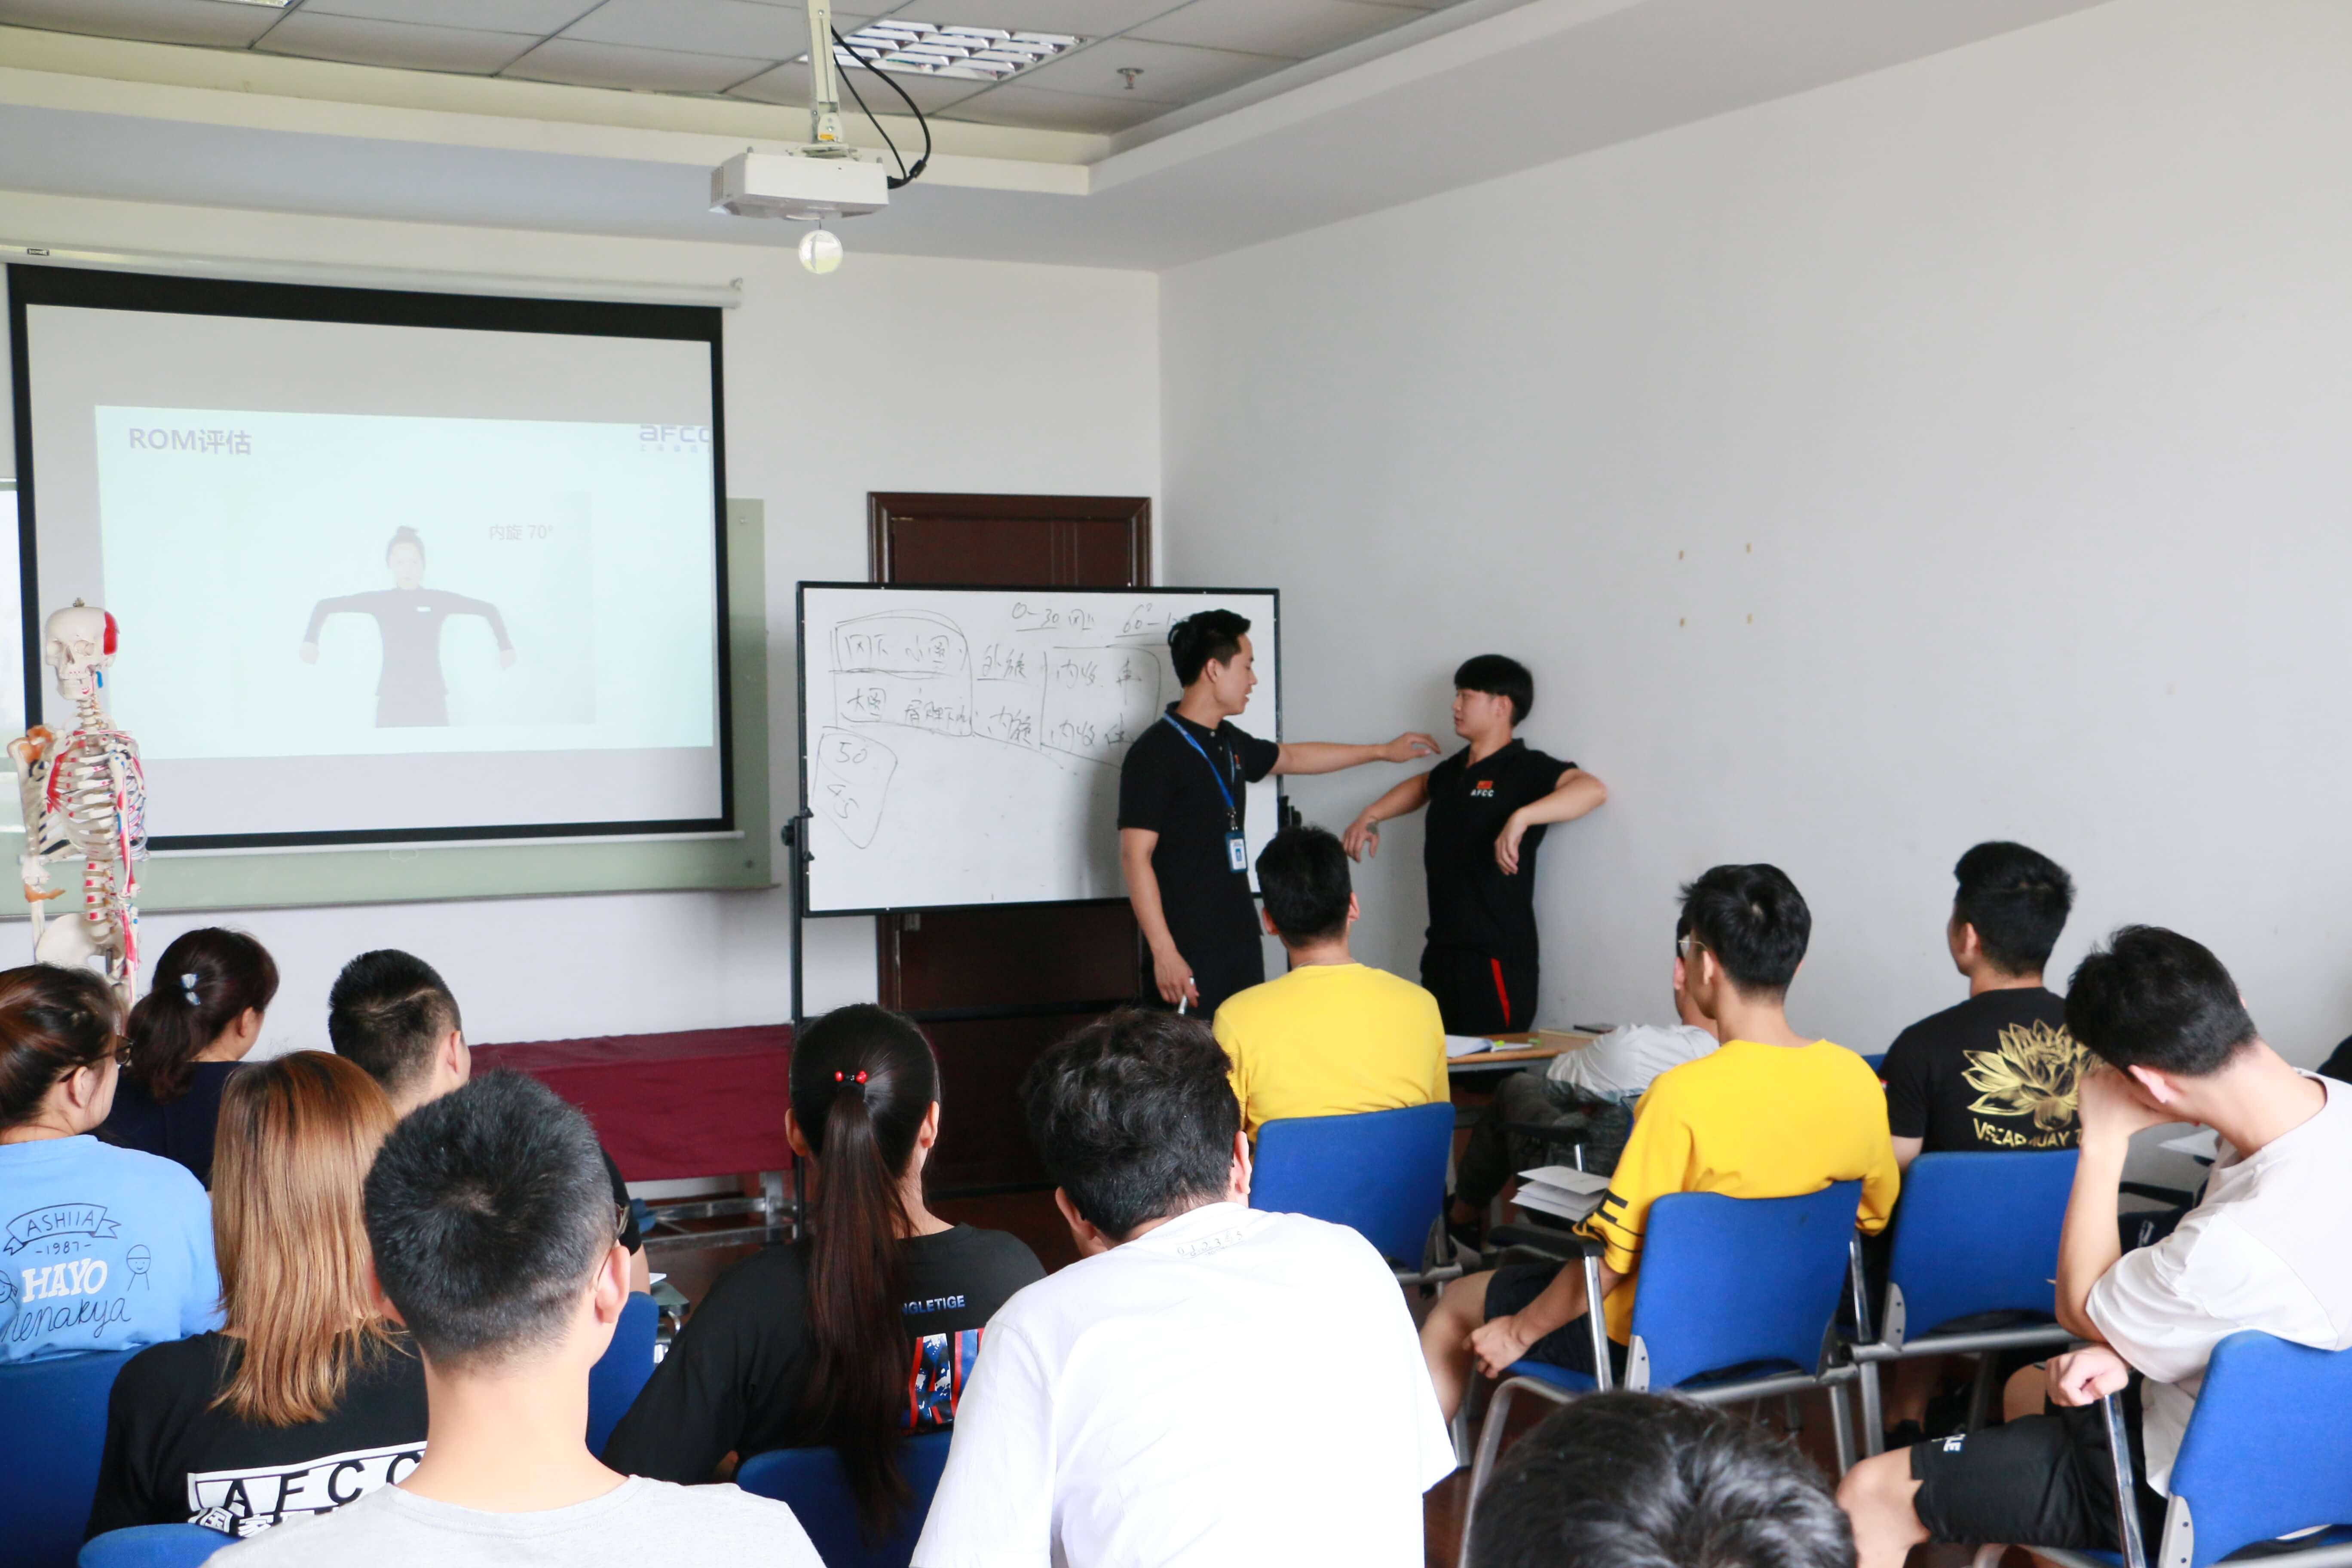 孕产康复训练已经参加过AFCC私教课程并想进一步提升,以在职场上拥有更大竞争力的同学